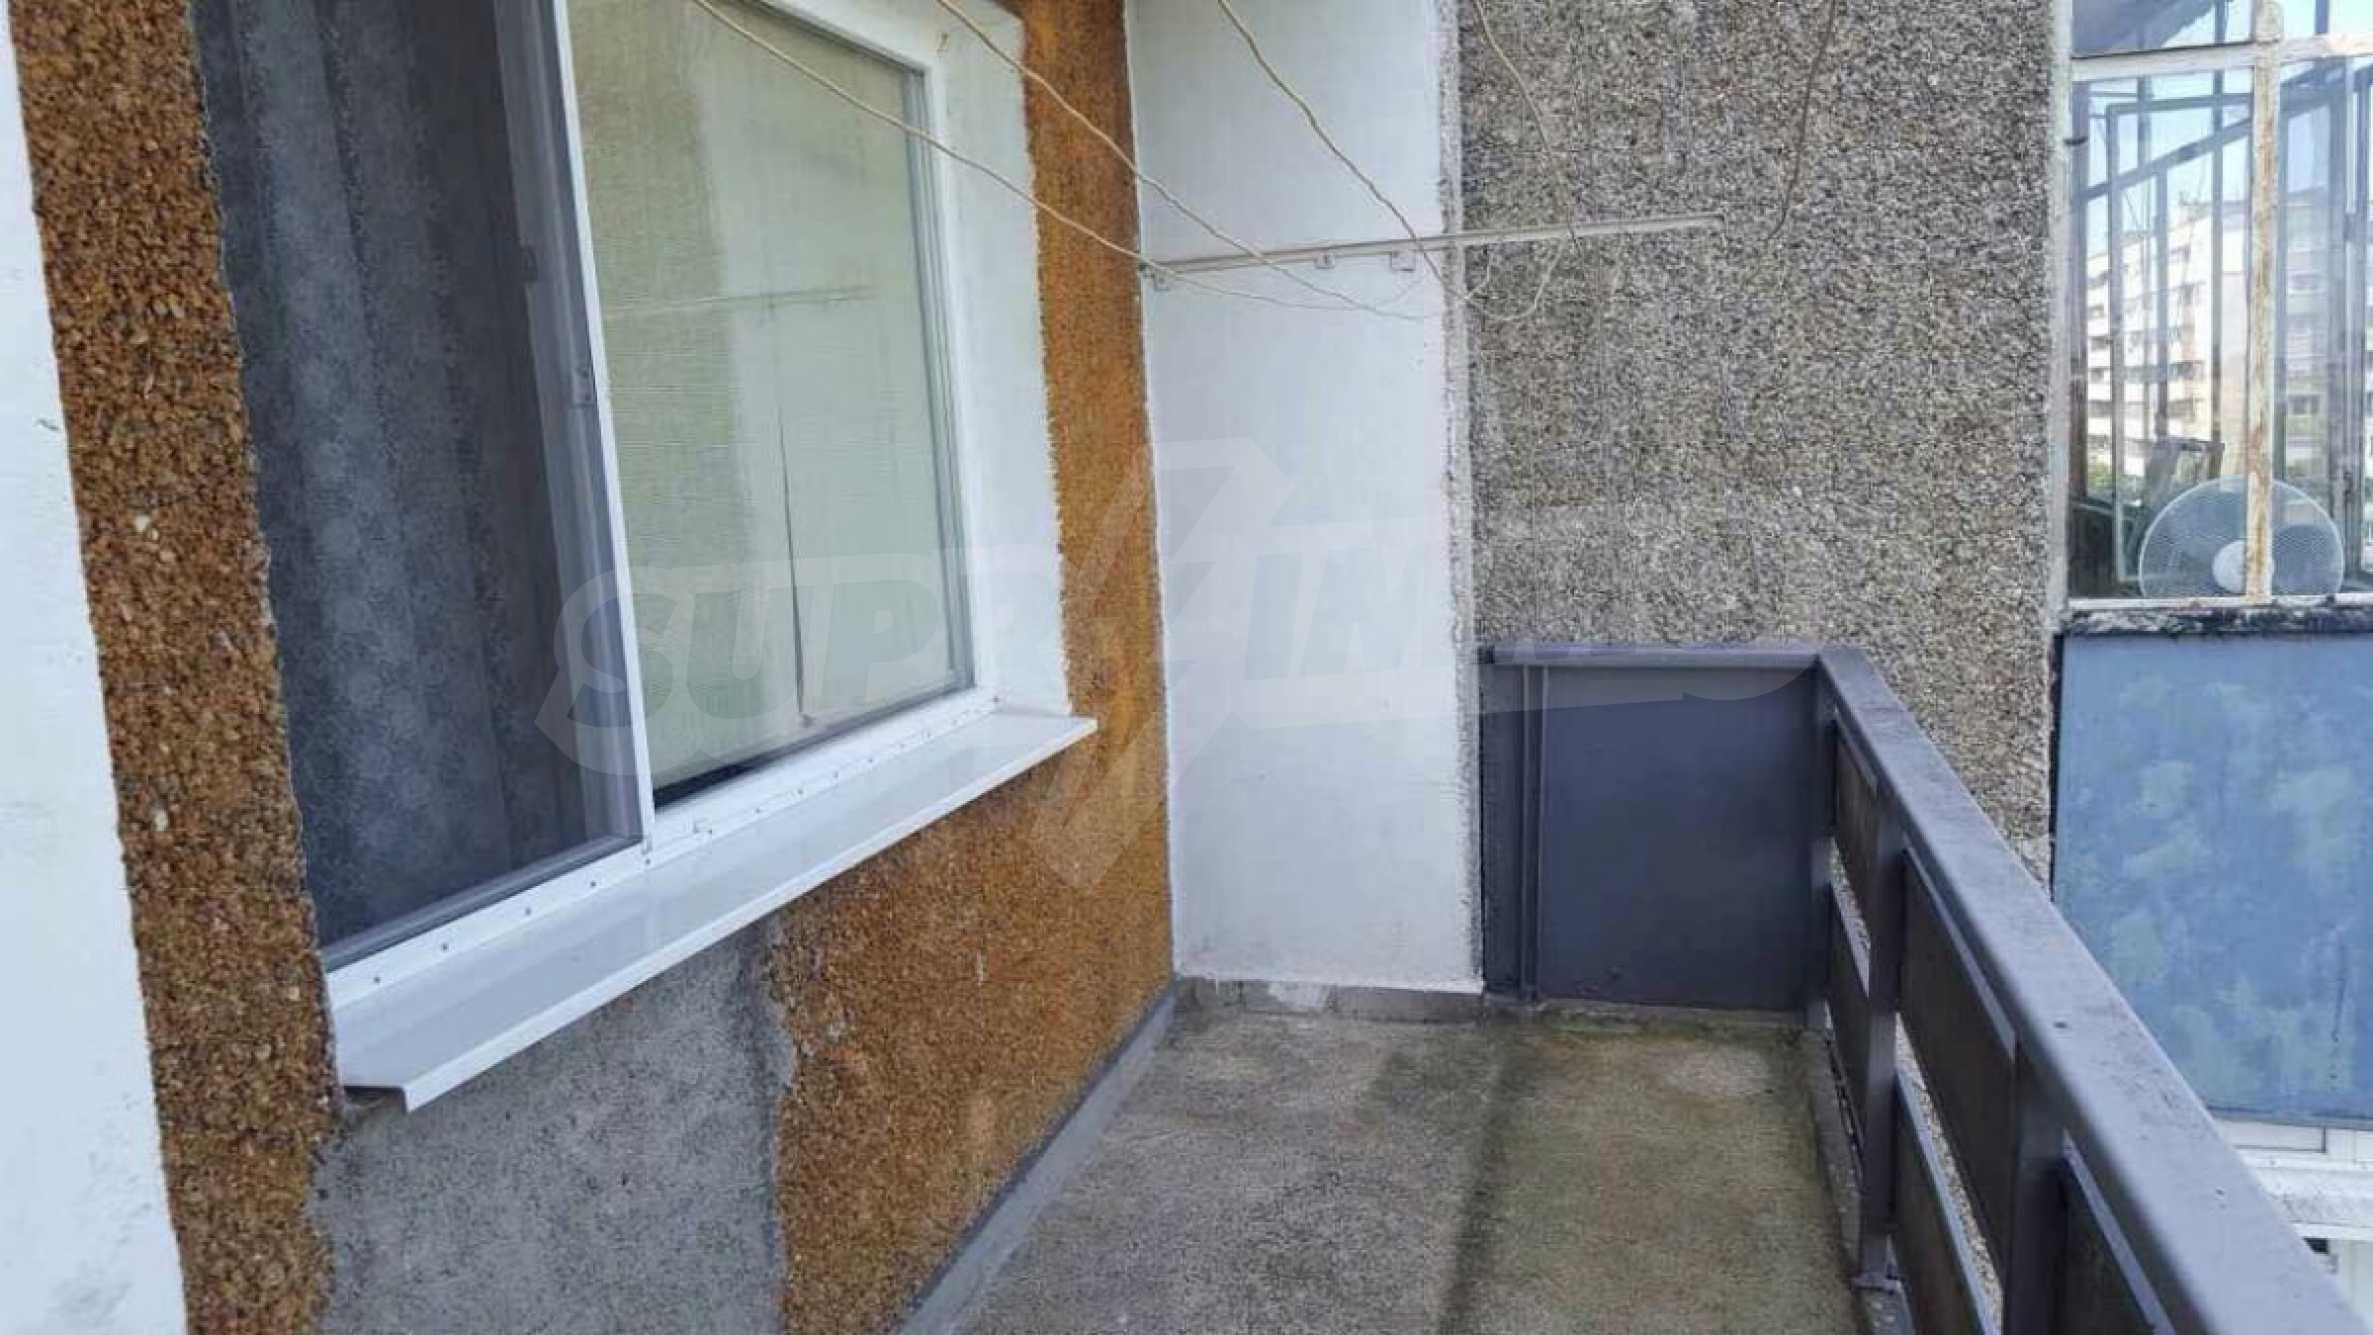 Двустаен апартамент с разширение в близост до центъра на град Видин 14